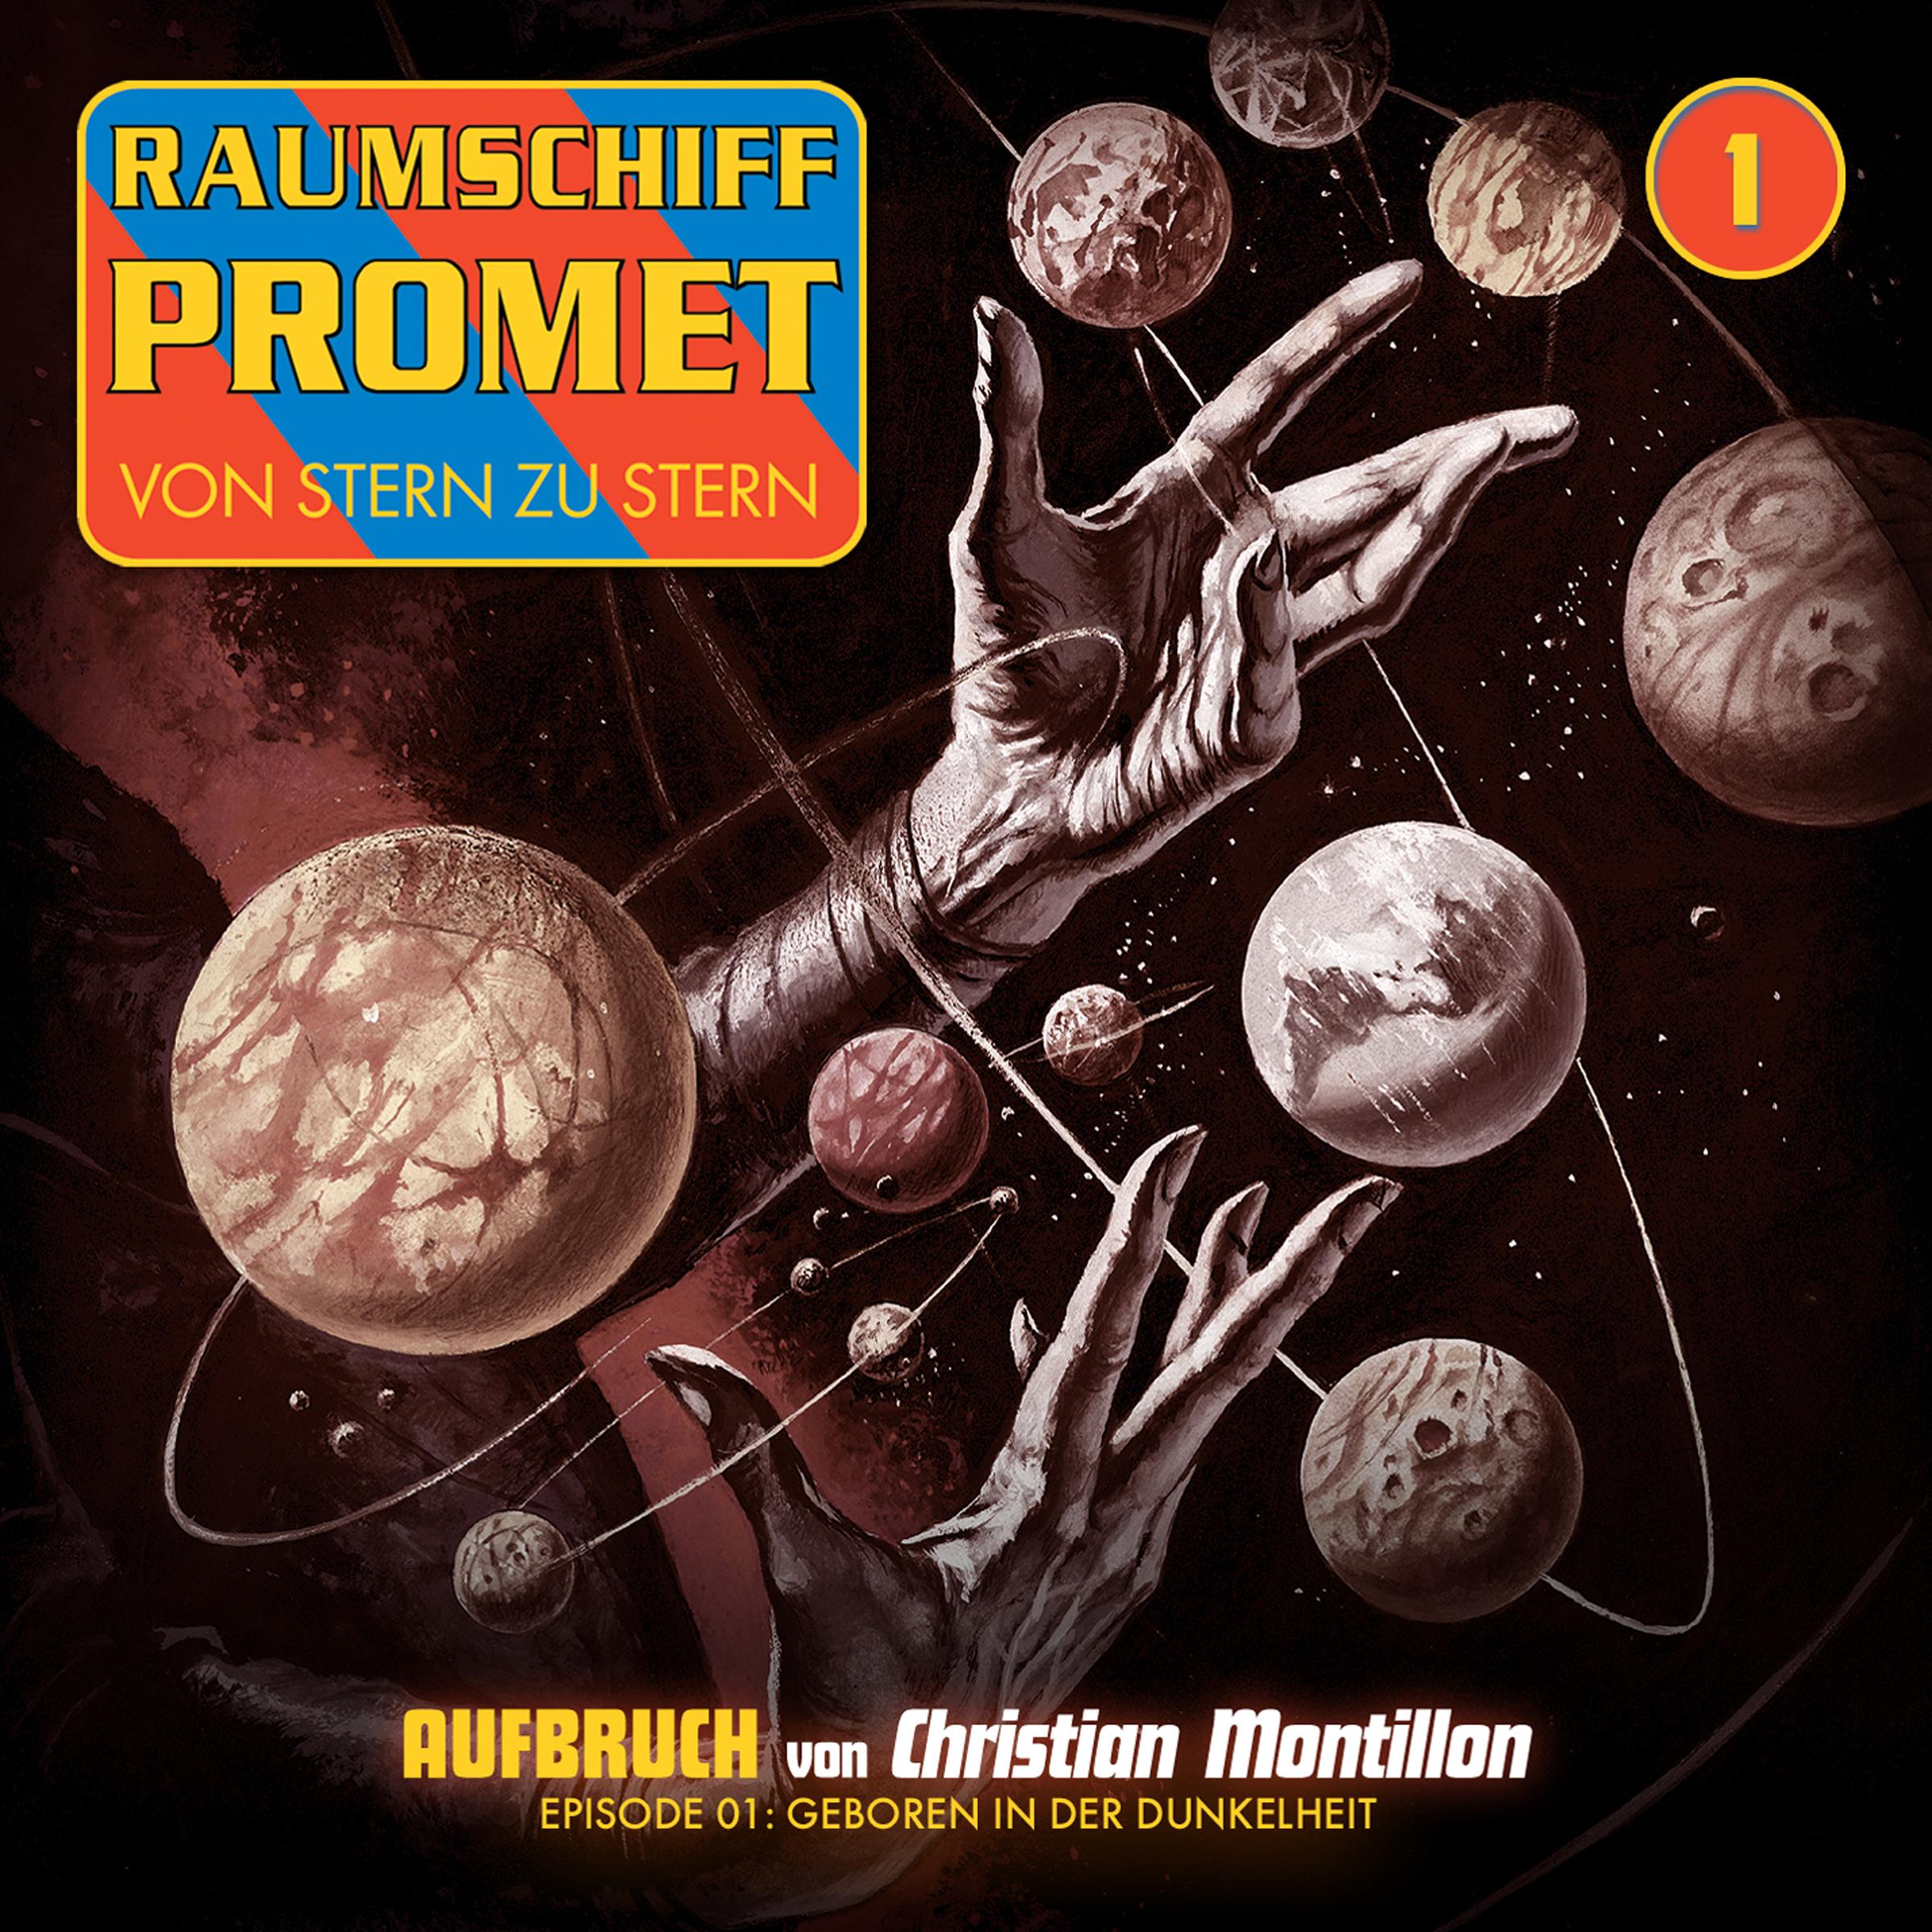 Raumschiff Promet - Folge 001 - Geboren in der Dunkelheit